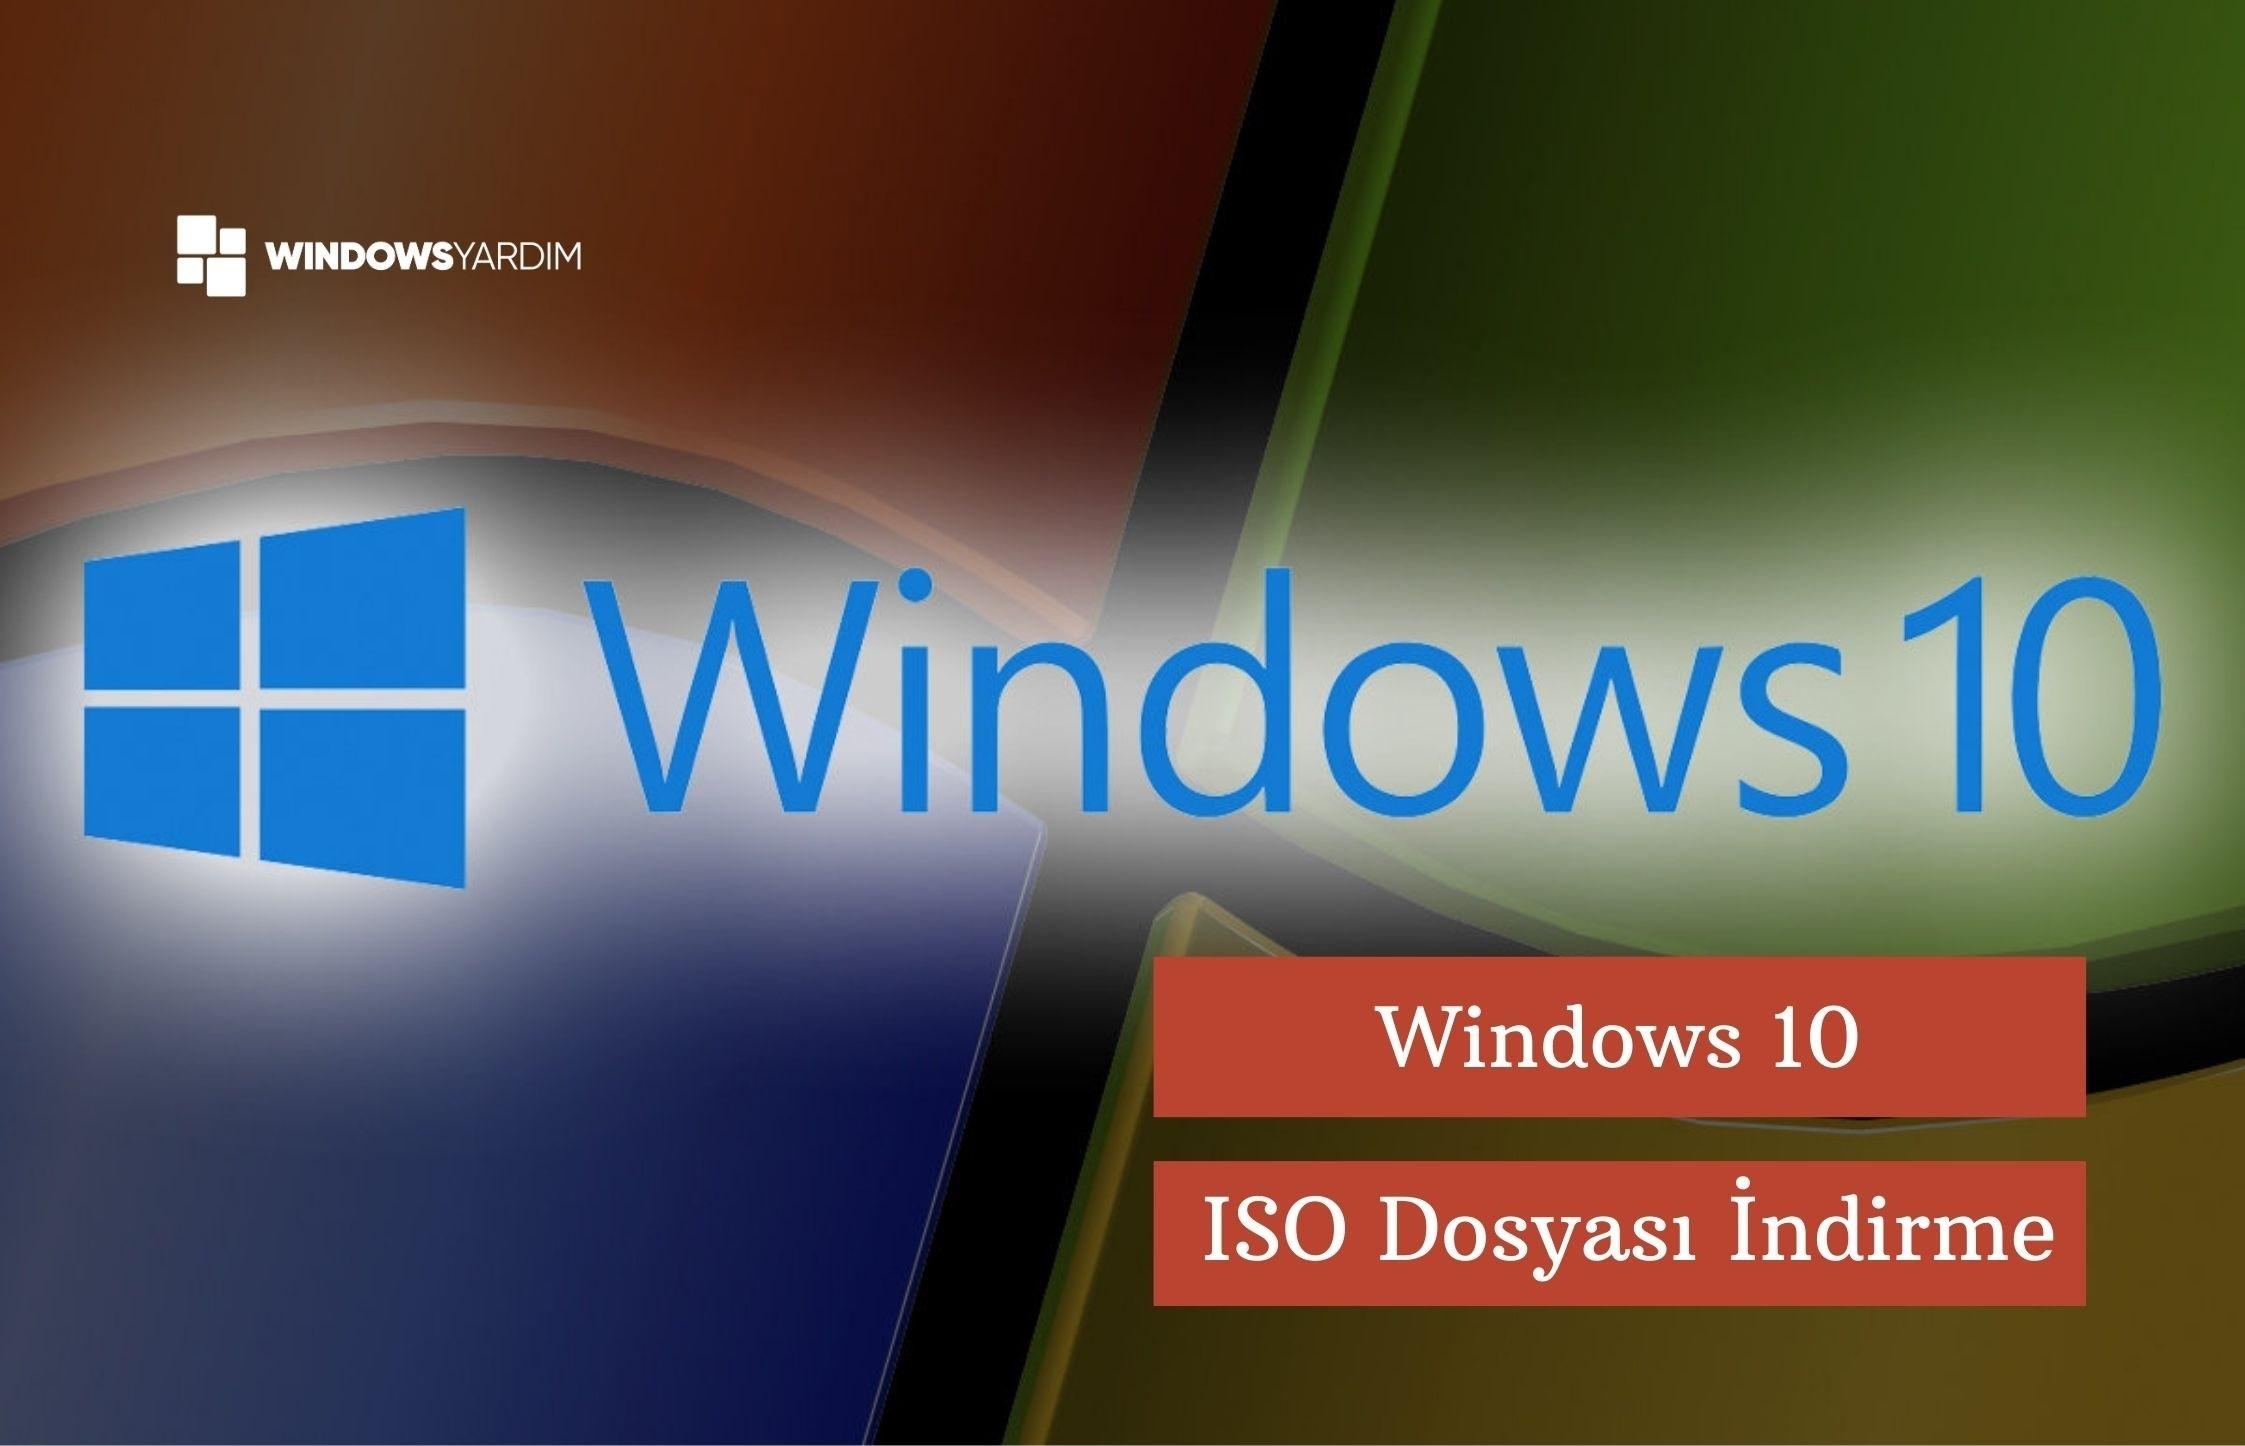 Windows 10 ISO Dosyası